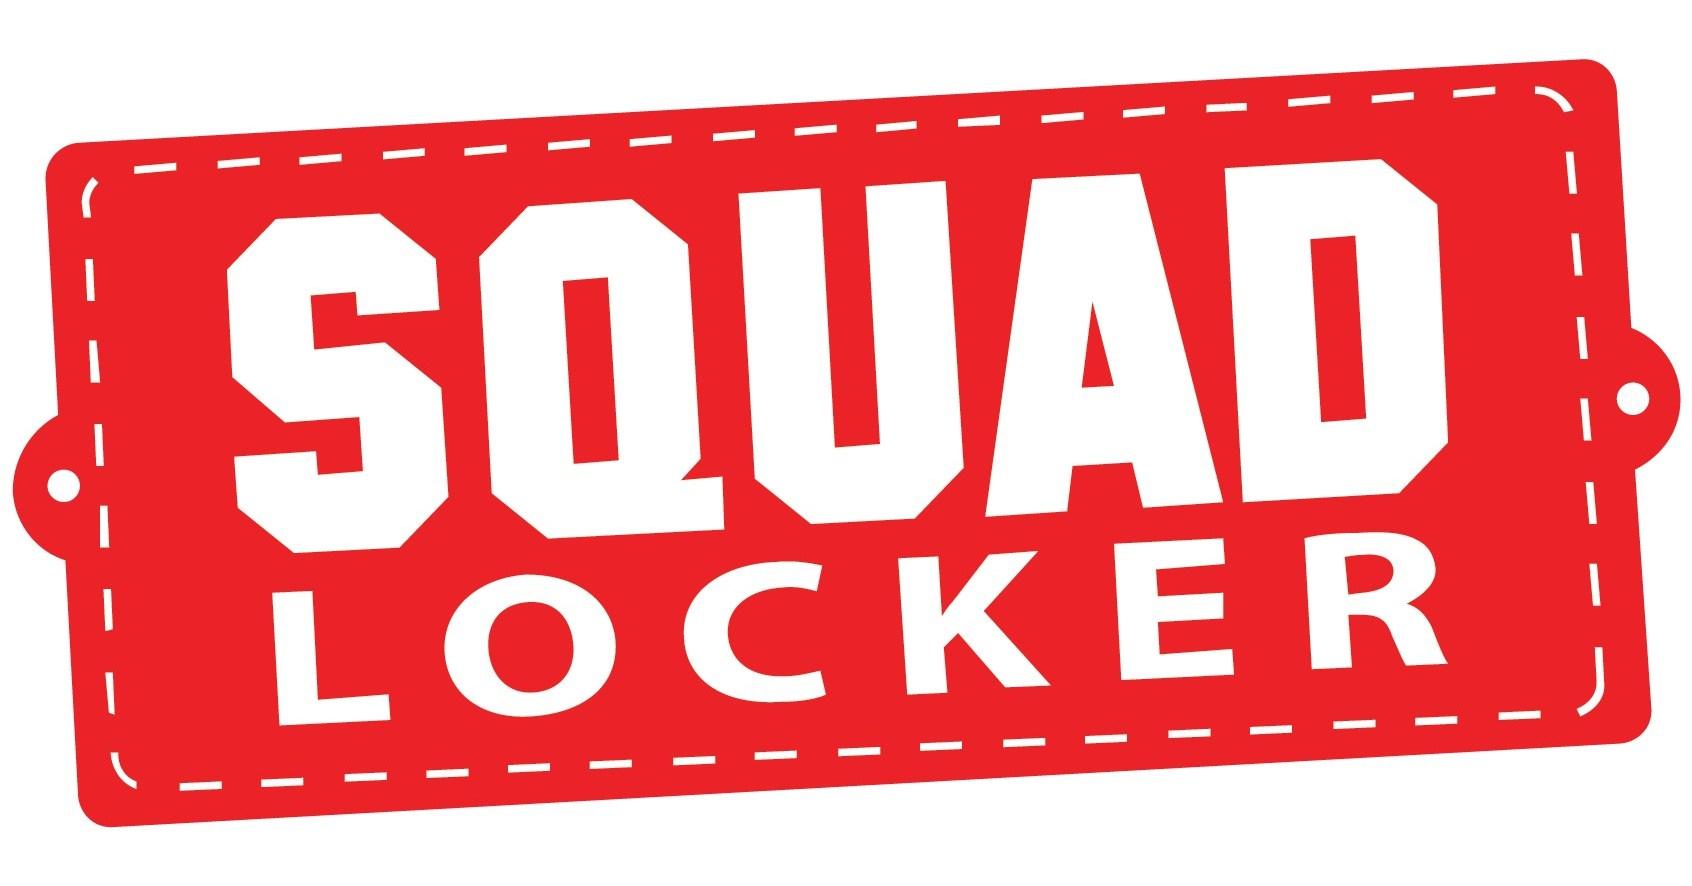 SquadLocker Logo jpg?p=facebook.